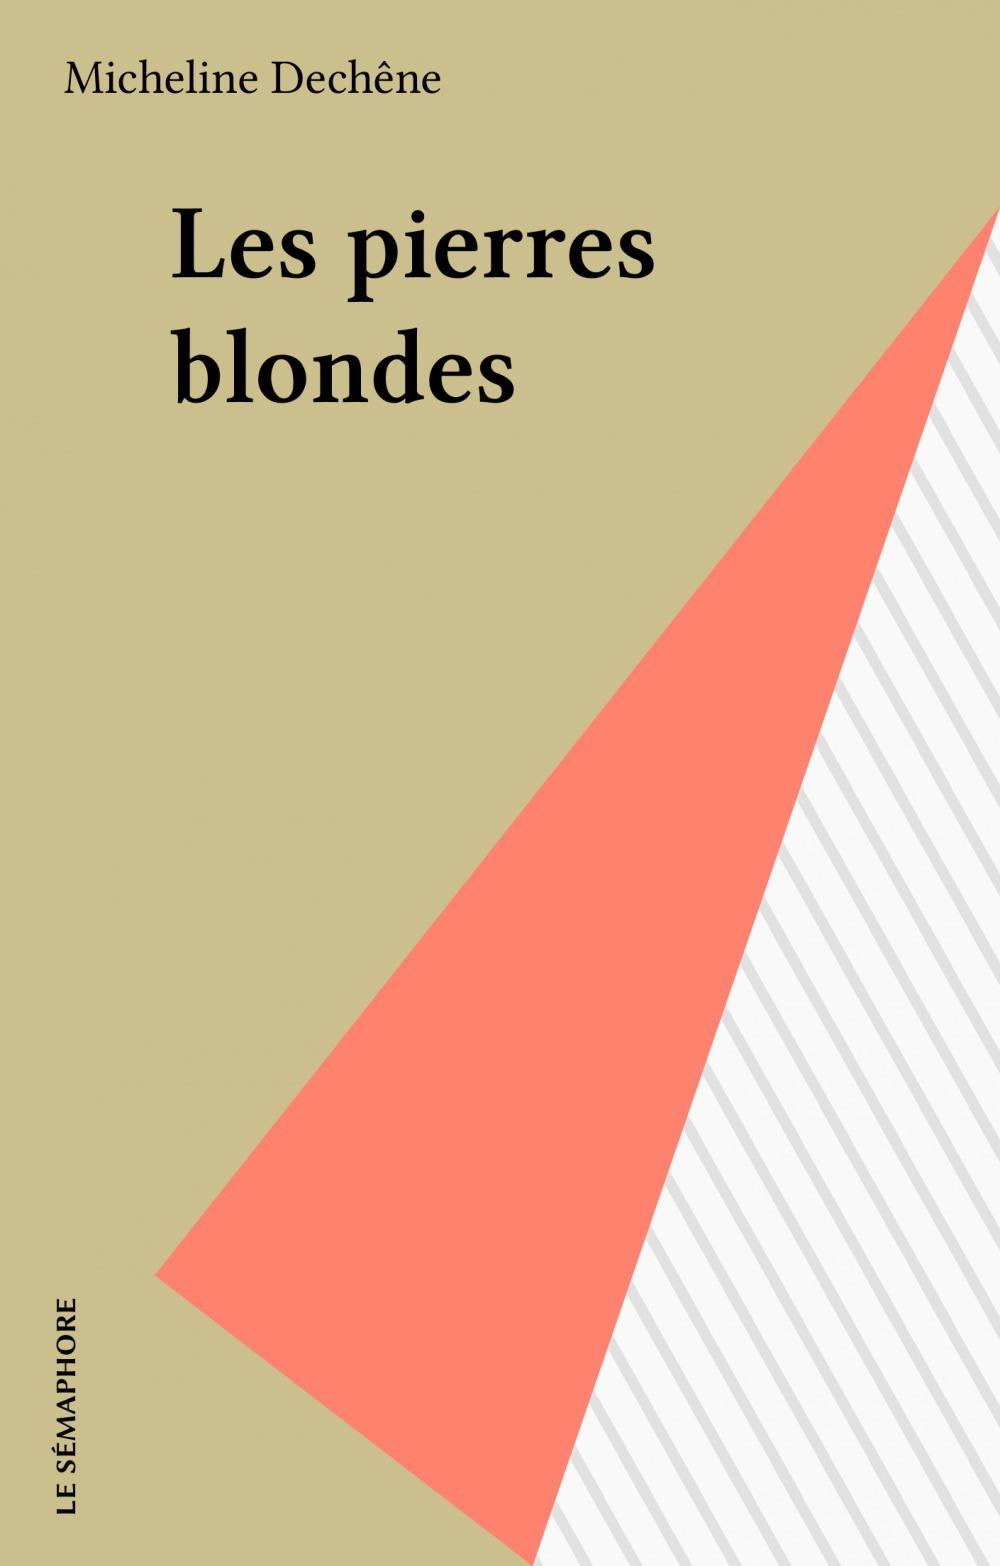 Les pierres blondes